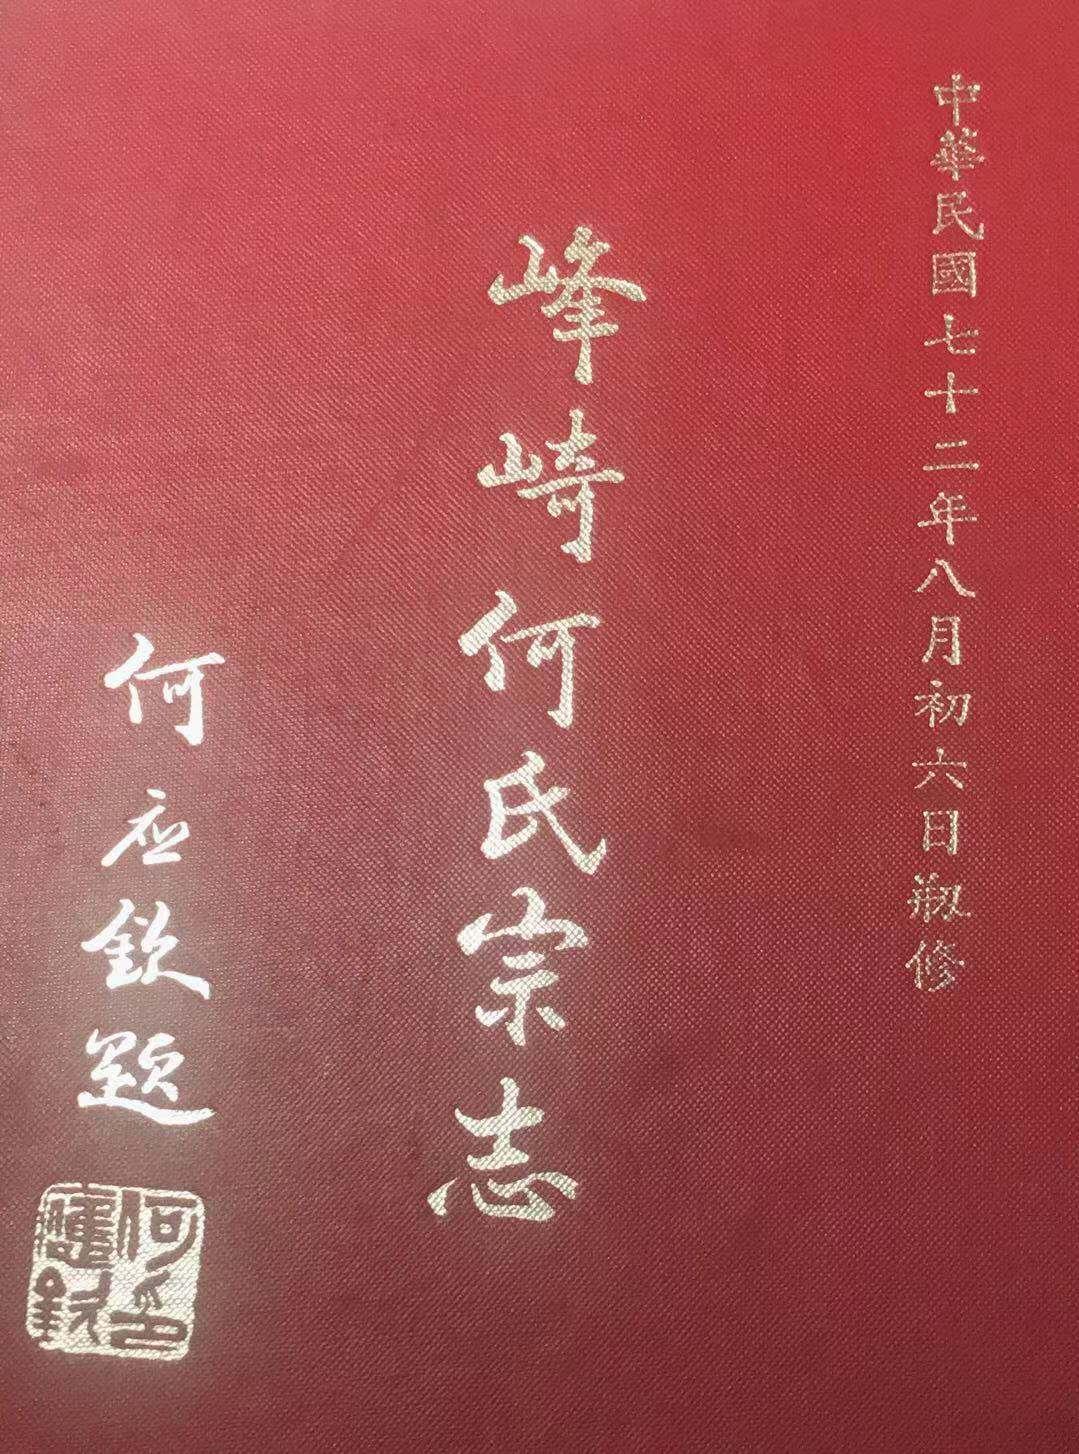 《峰崎何氏宗志》(封面)